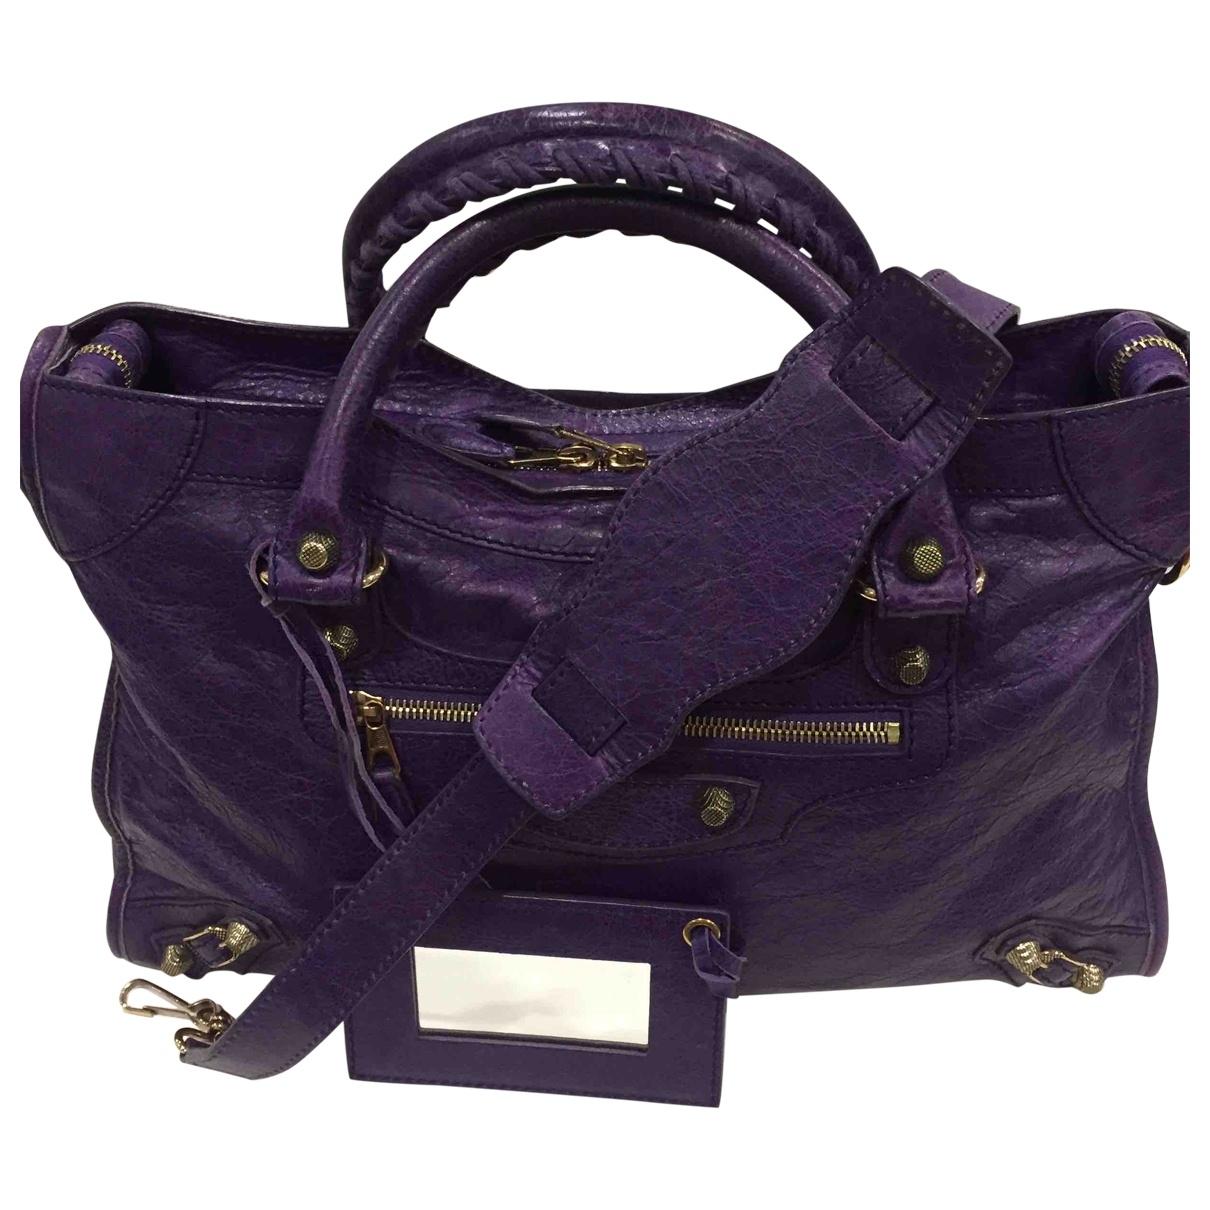 Balenciaga - Sac a main Work pour femme en cuir - violet